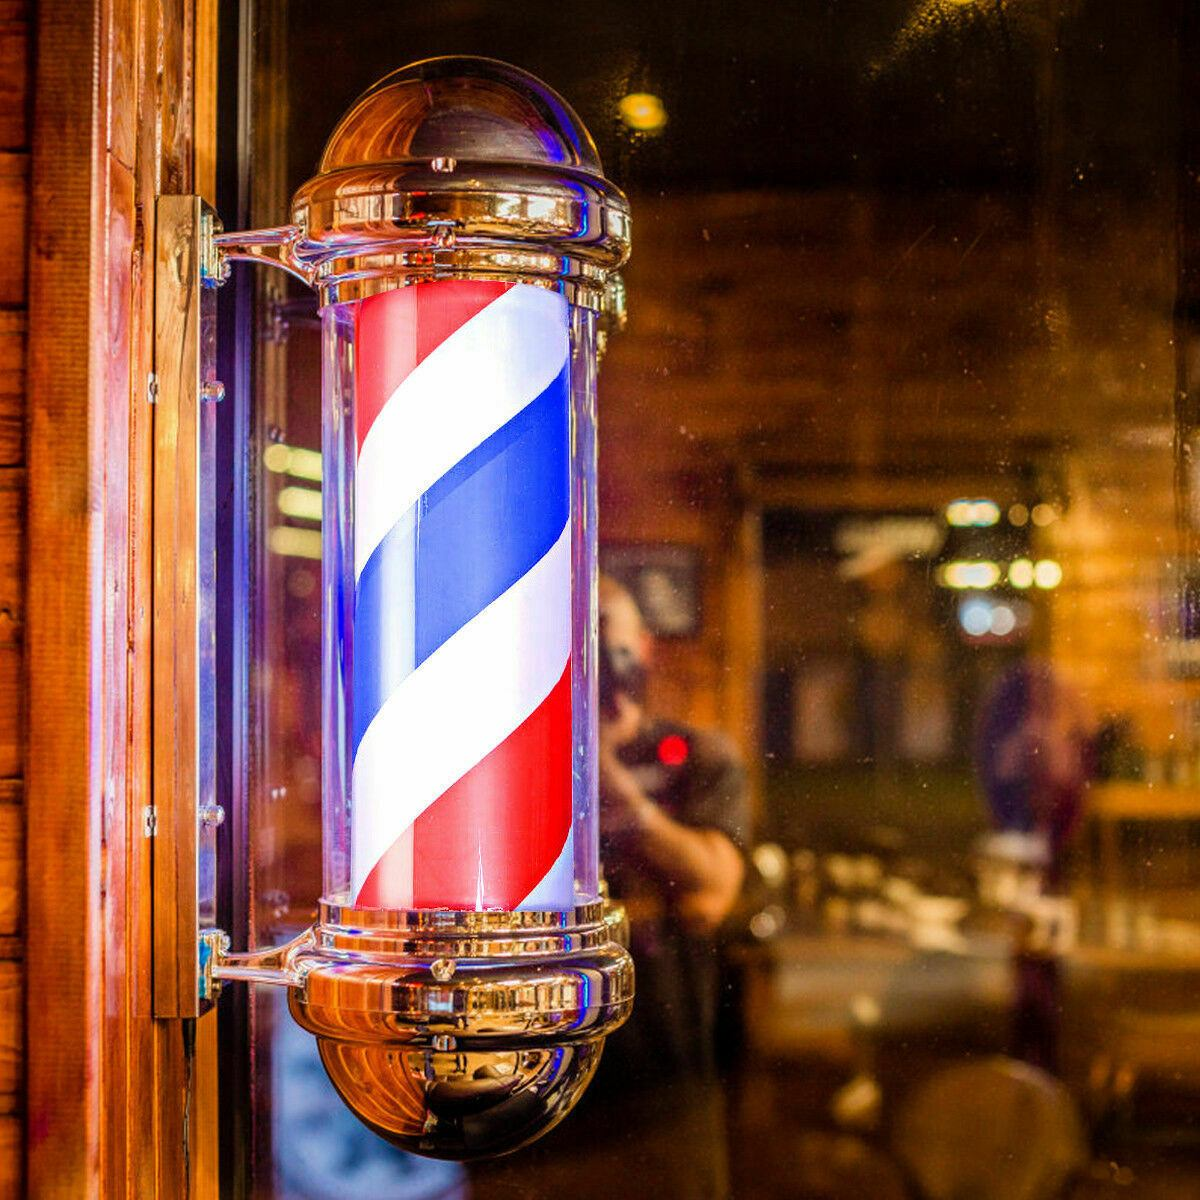 Poteau de coiffeur, éclairage rotatif de coiffeur de 60/75 cm, équipement de Salon de beauté, panneau de coiffeur, led d'accrochage mural, rouge, blanc, rayure bleue